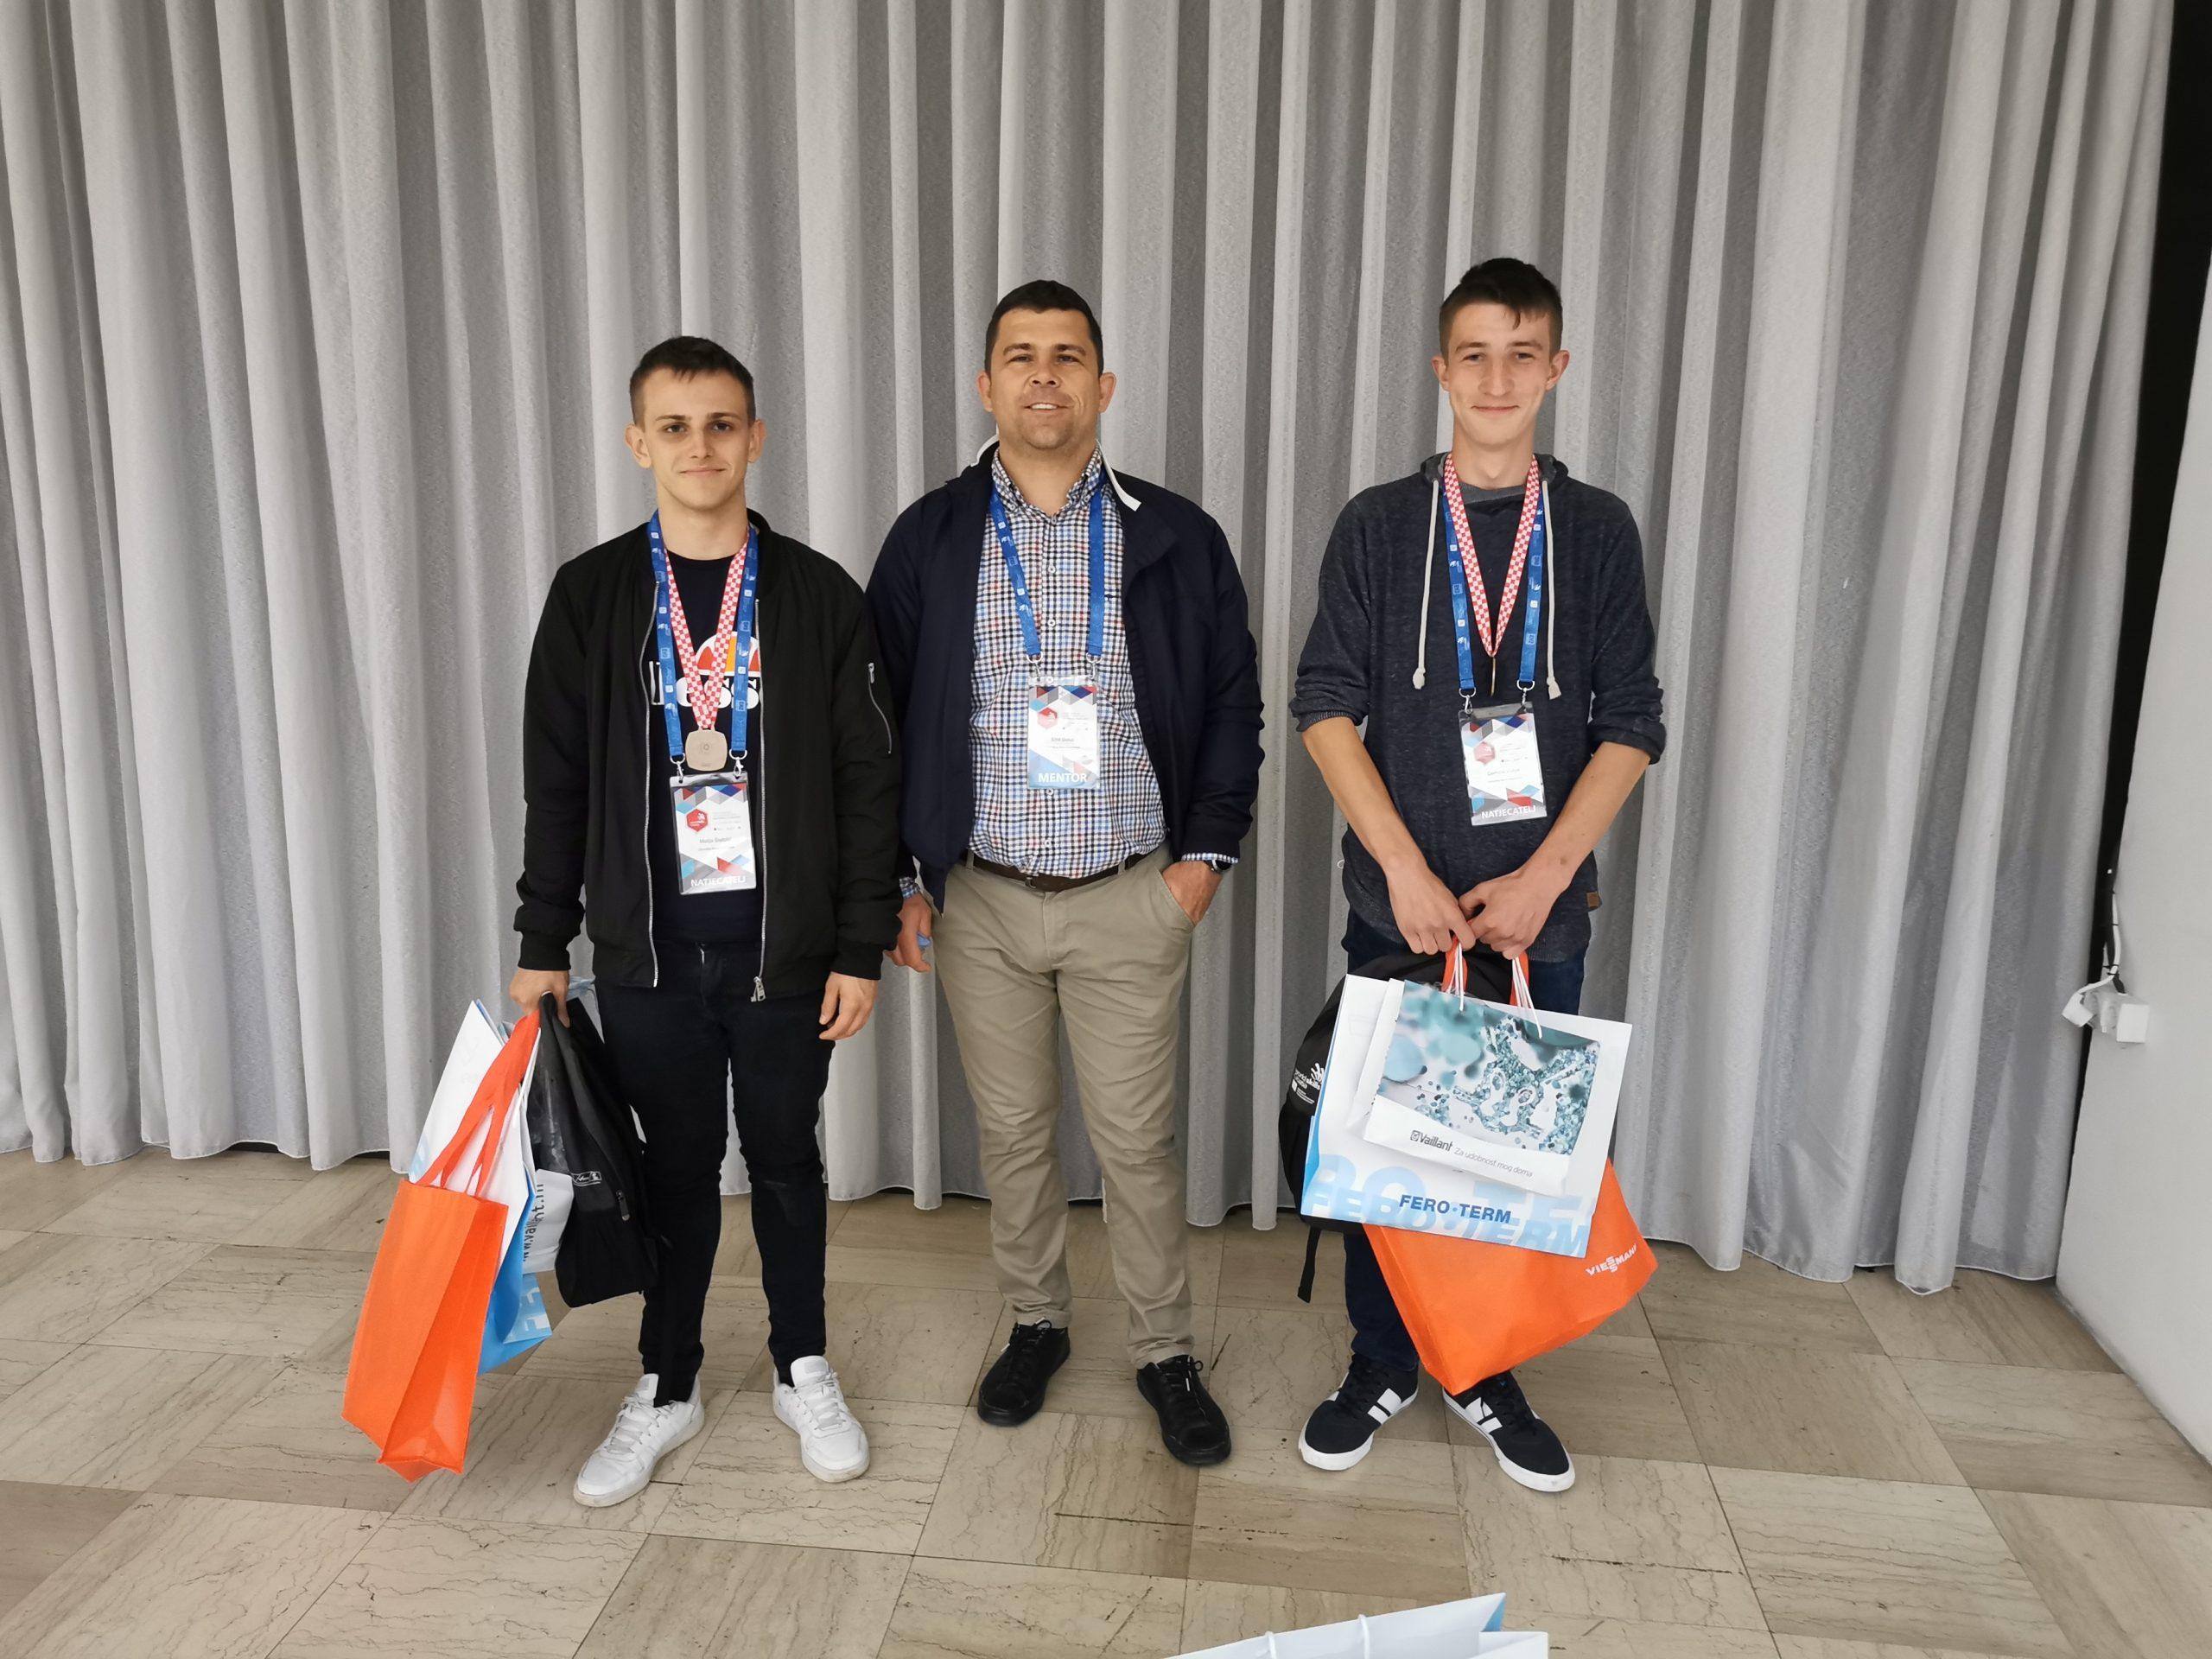 Učenici iz Koprivnice osvojili treće mjesto u državi